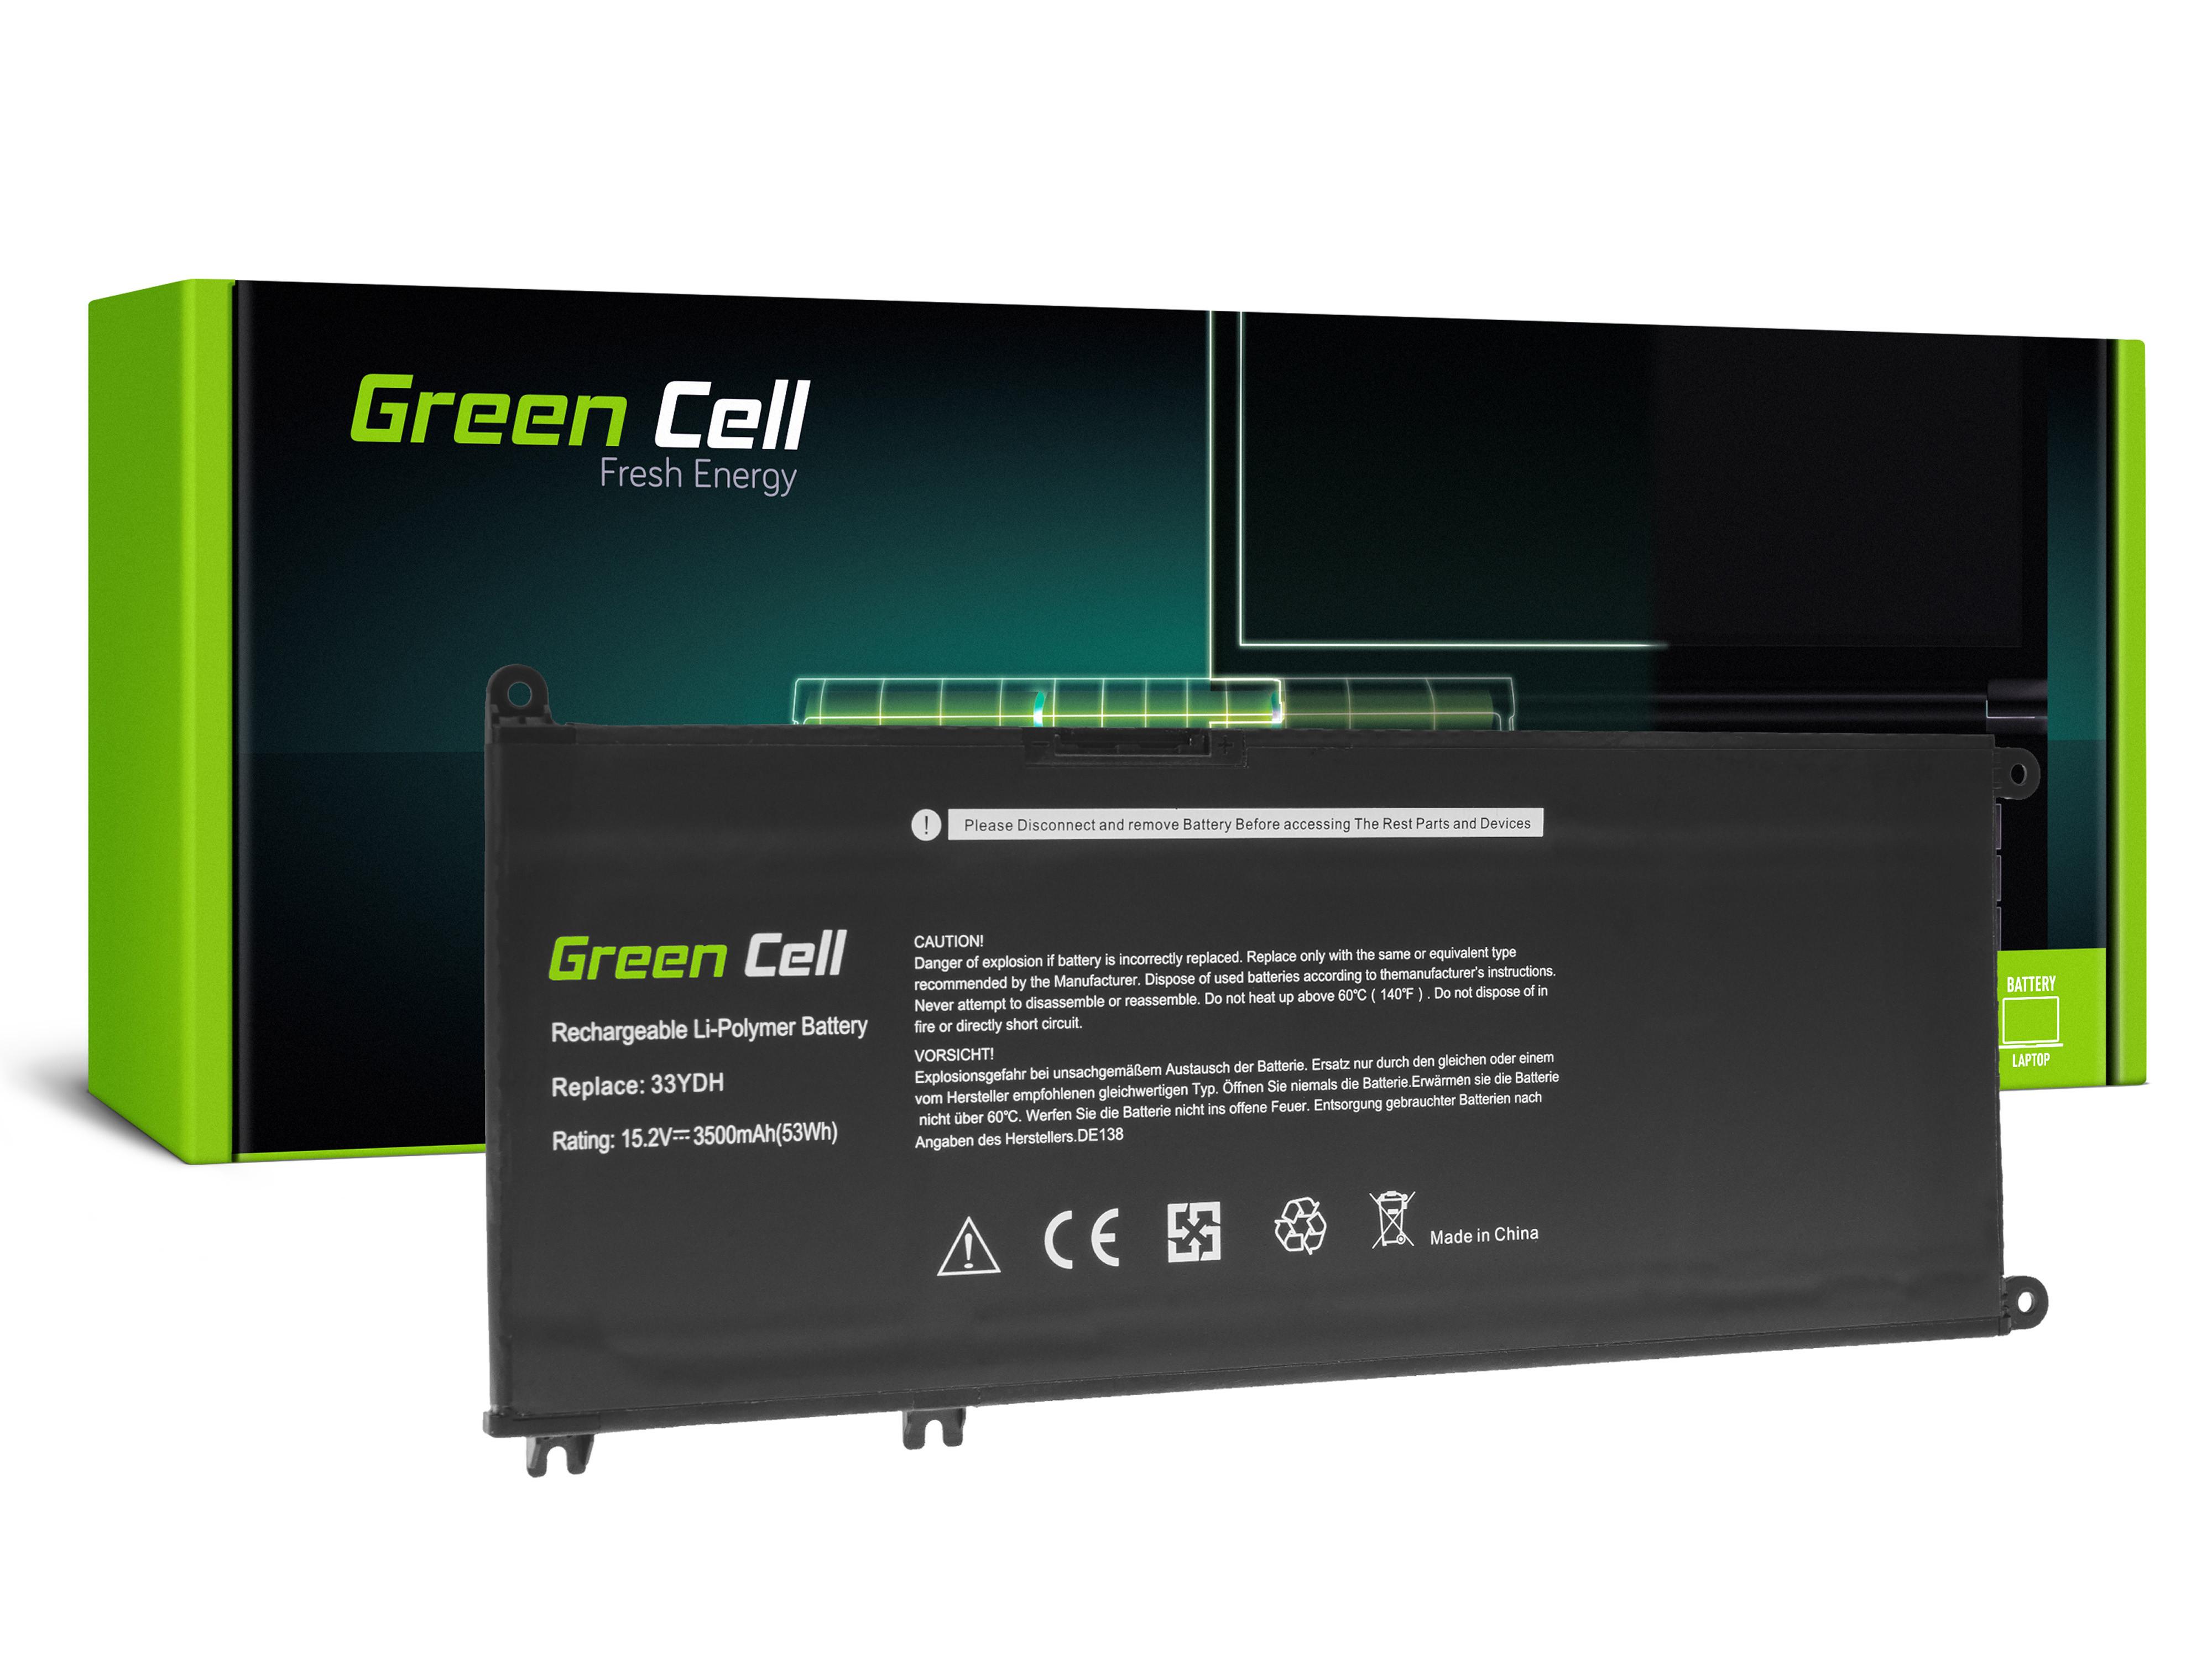 Green Cell DE138 Baterie Dell 33YDH, Dell Inspiron G3 3579 3779 G5 5587 G7 7588 7577 7773 7778 7779 7786 Dell Latitude 3380 3480 3490 3590 3500mAh Li-Pol – neoriginální